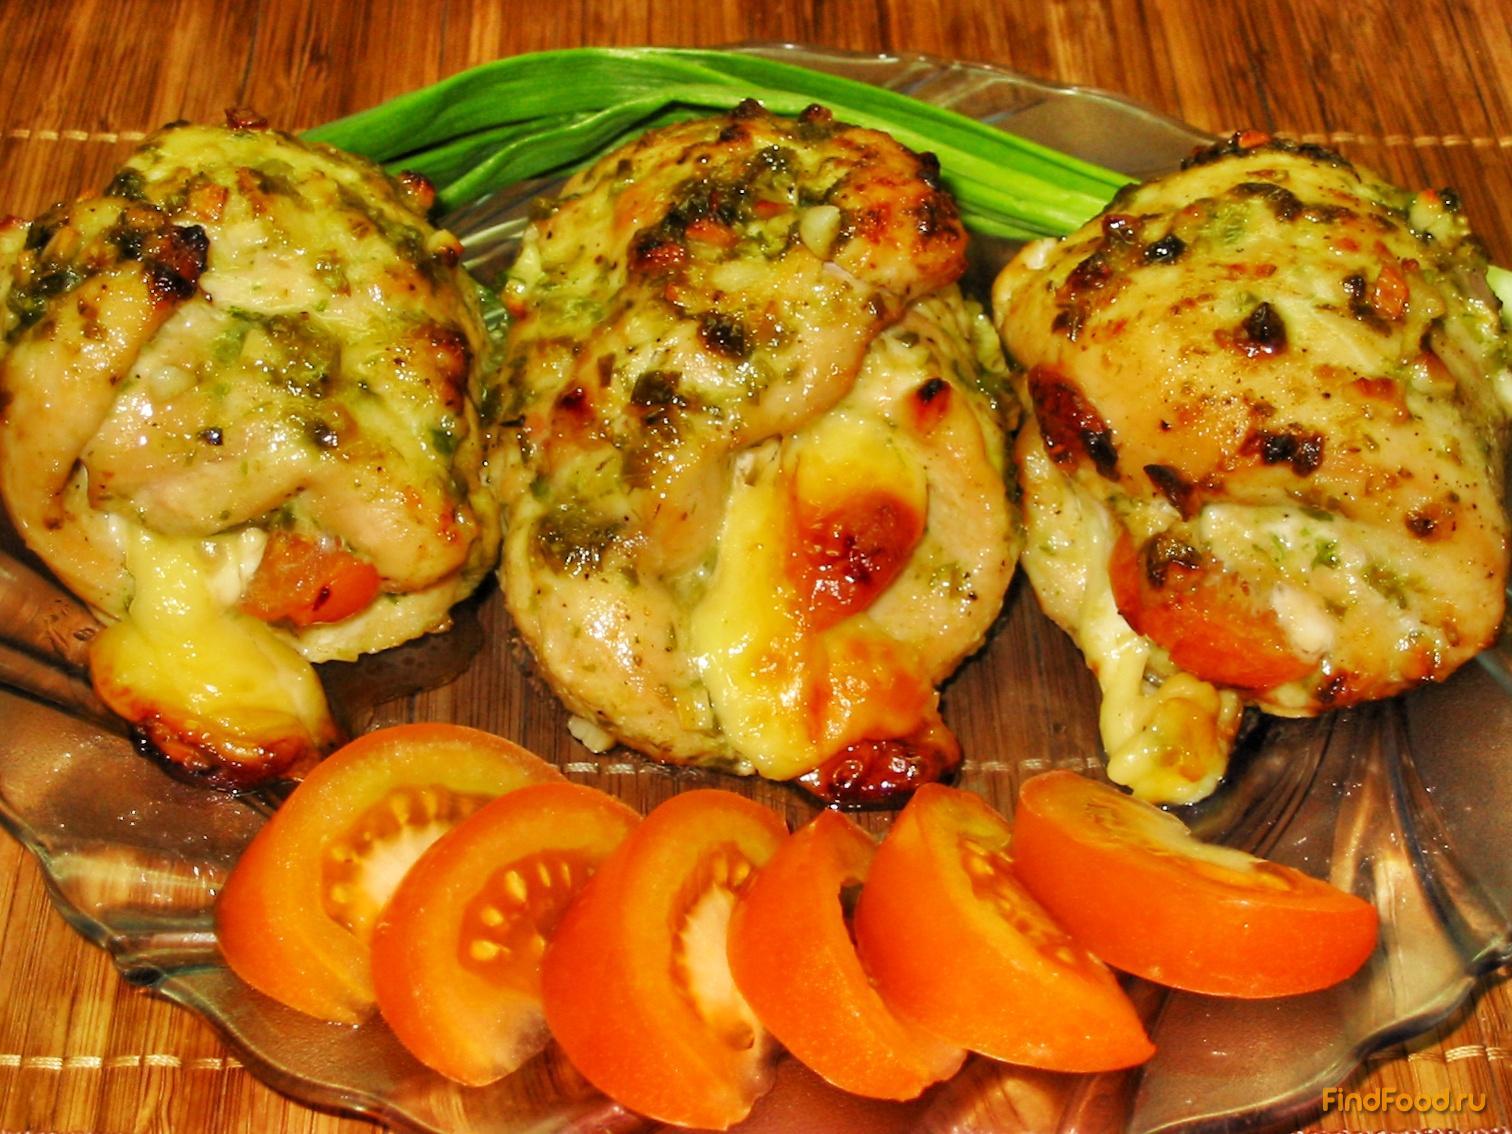 фаршированная куриная грудка рецепты с фото в духовке